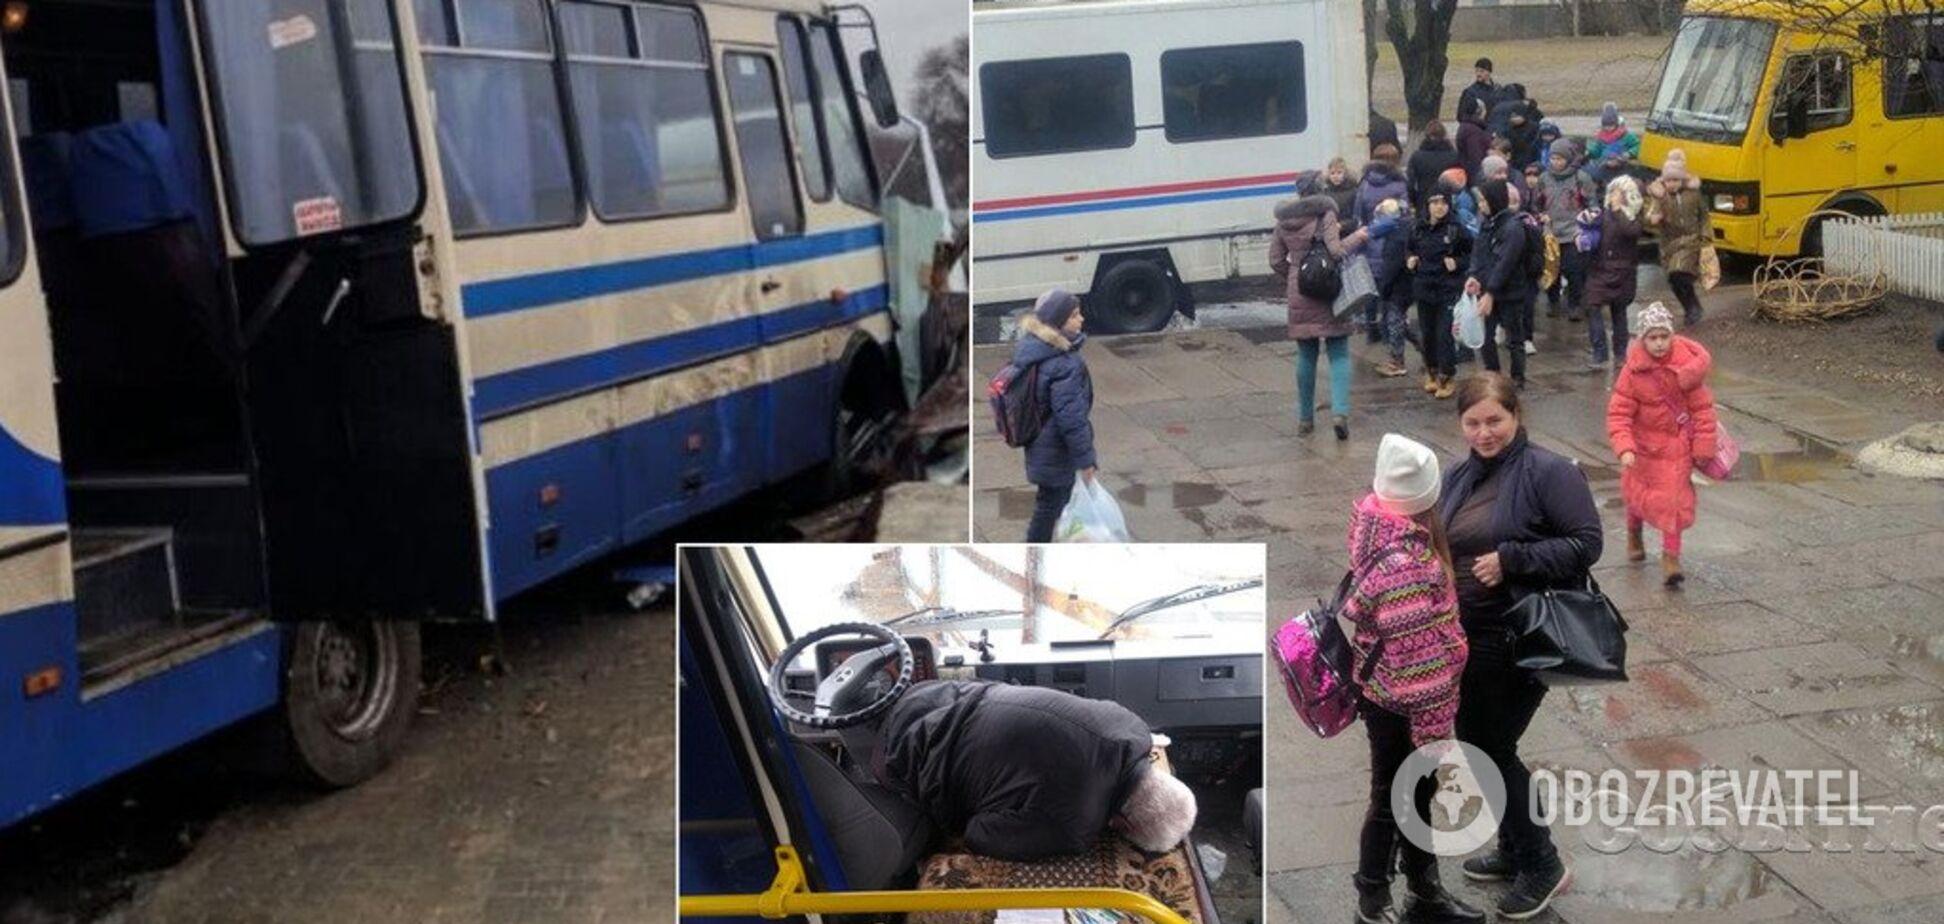 Детей спасло чудо: на Днепропетровщине водитель школьного автобуса умер во время рейса. Фото и видео